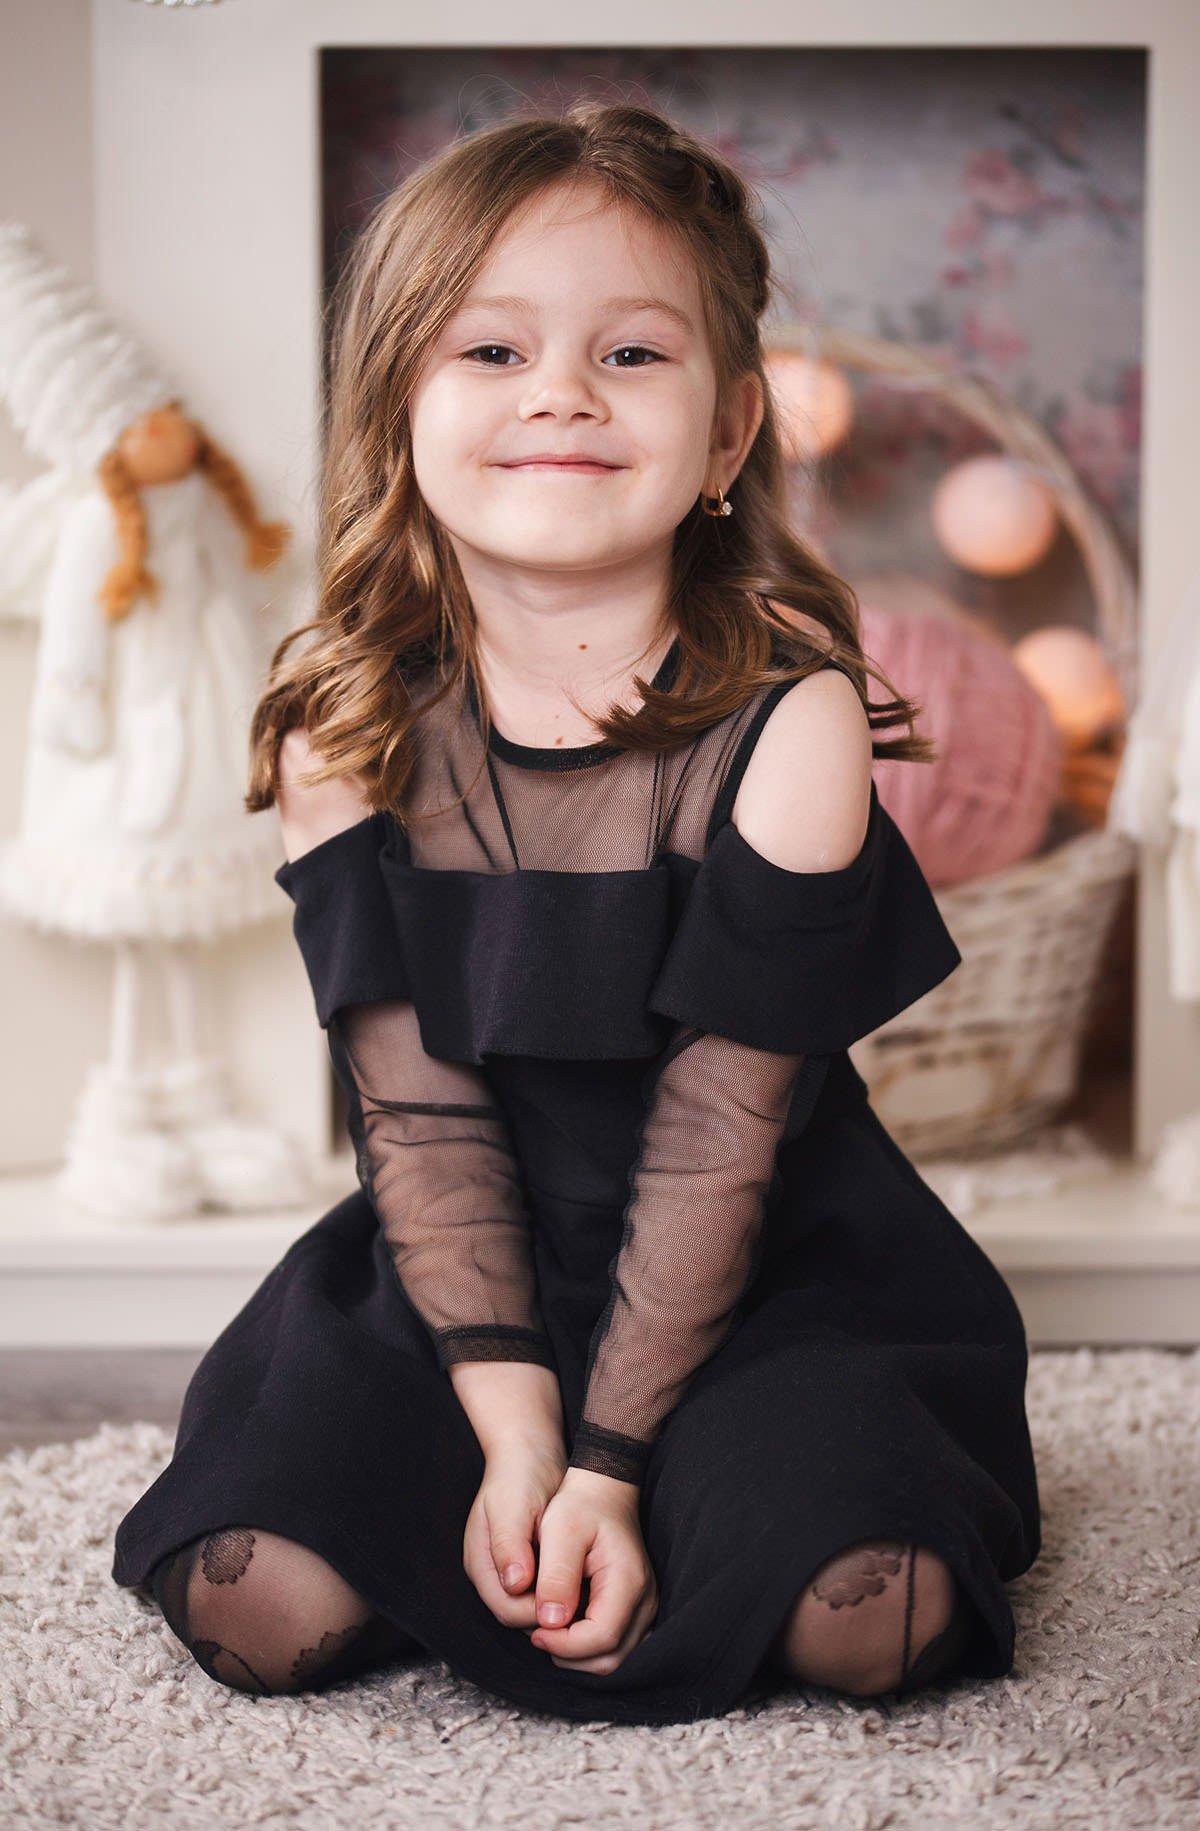 Детская фотосессия для Варвары в фотостудии Vita